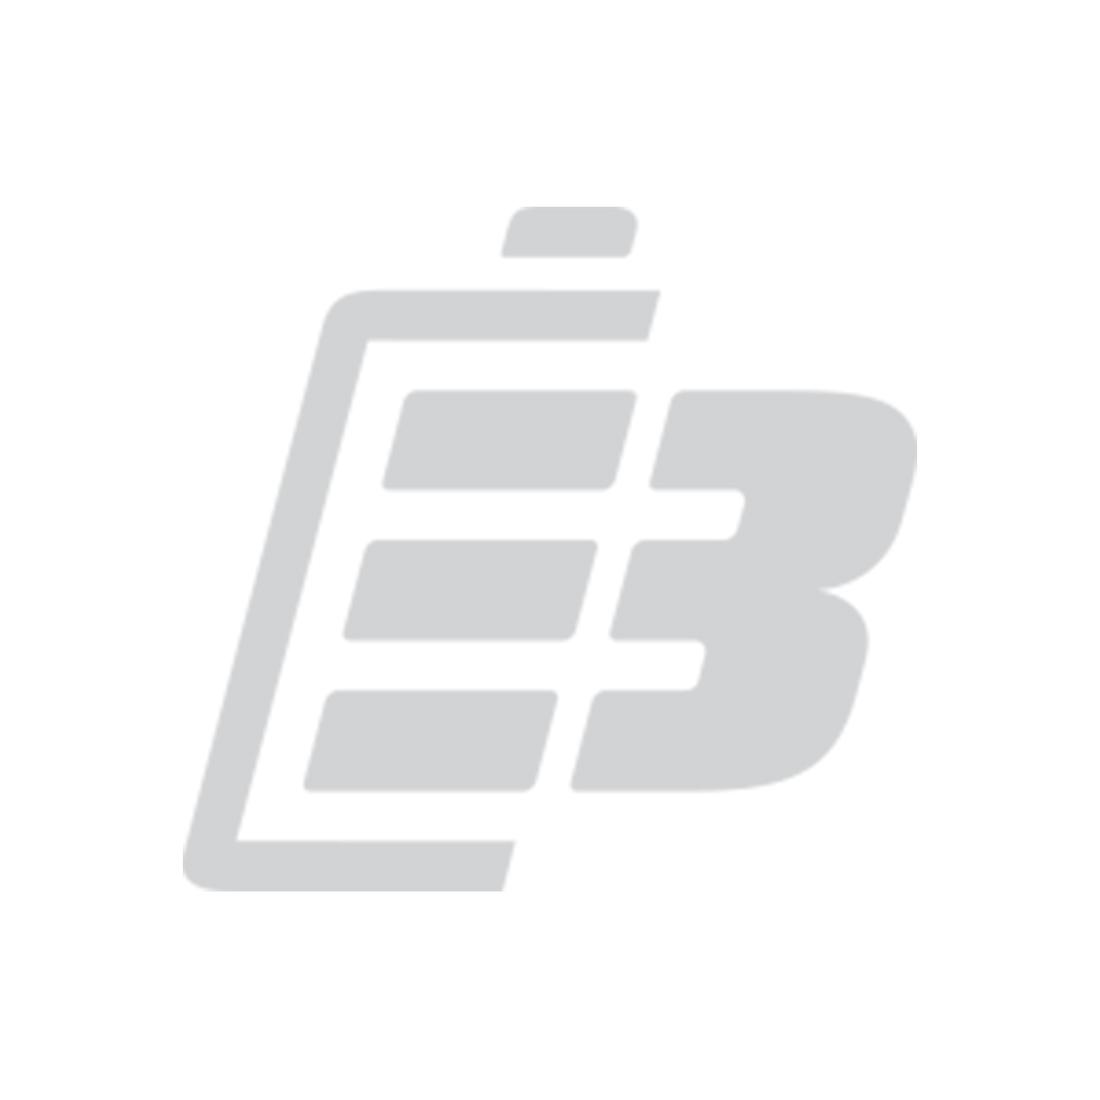 Μπαταρία barcode scanner Intermec CK3_1